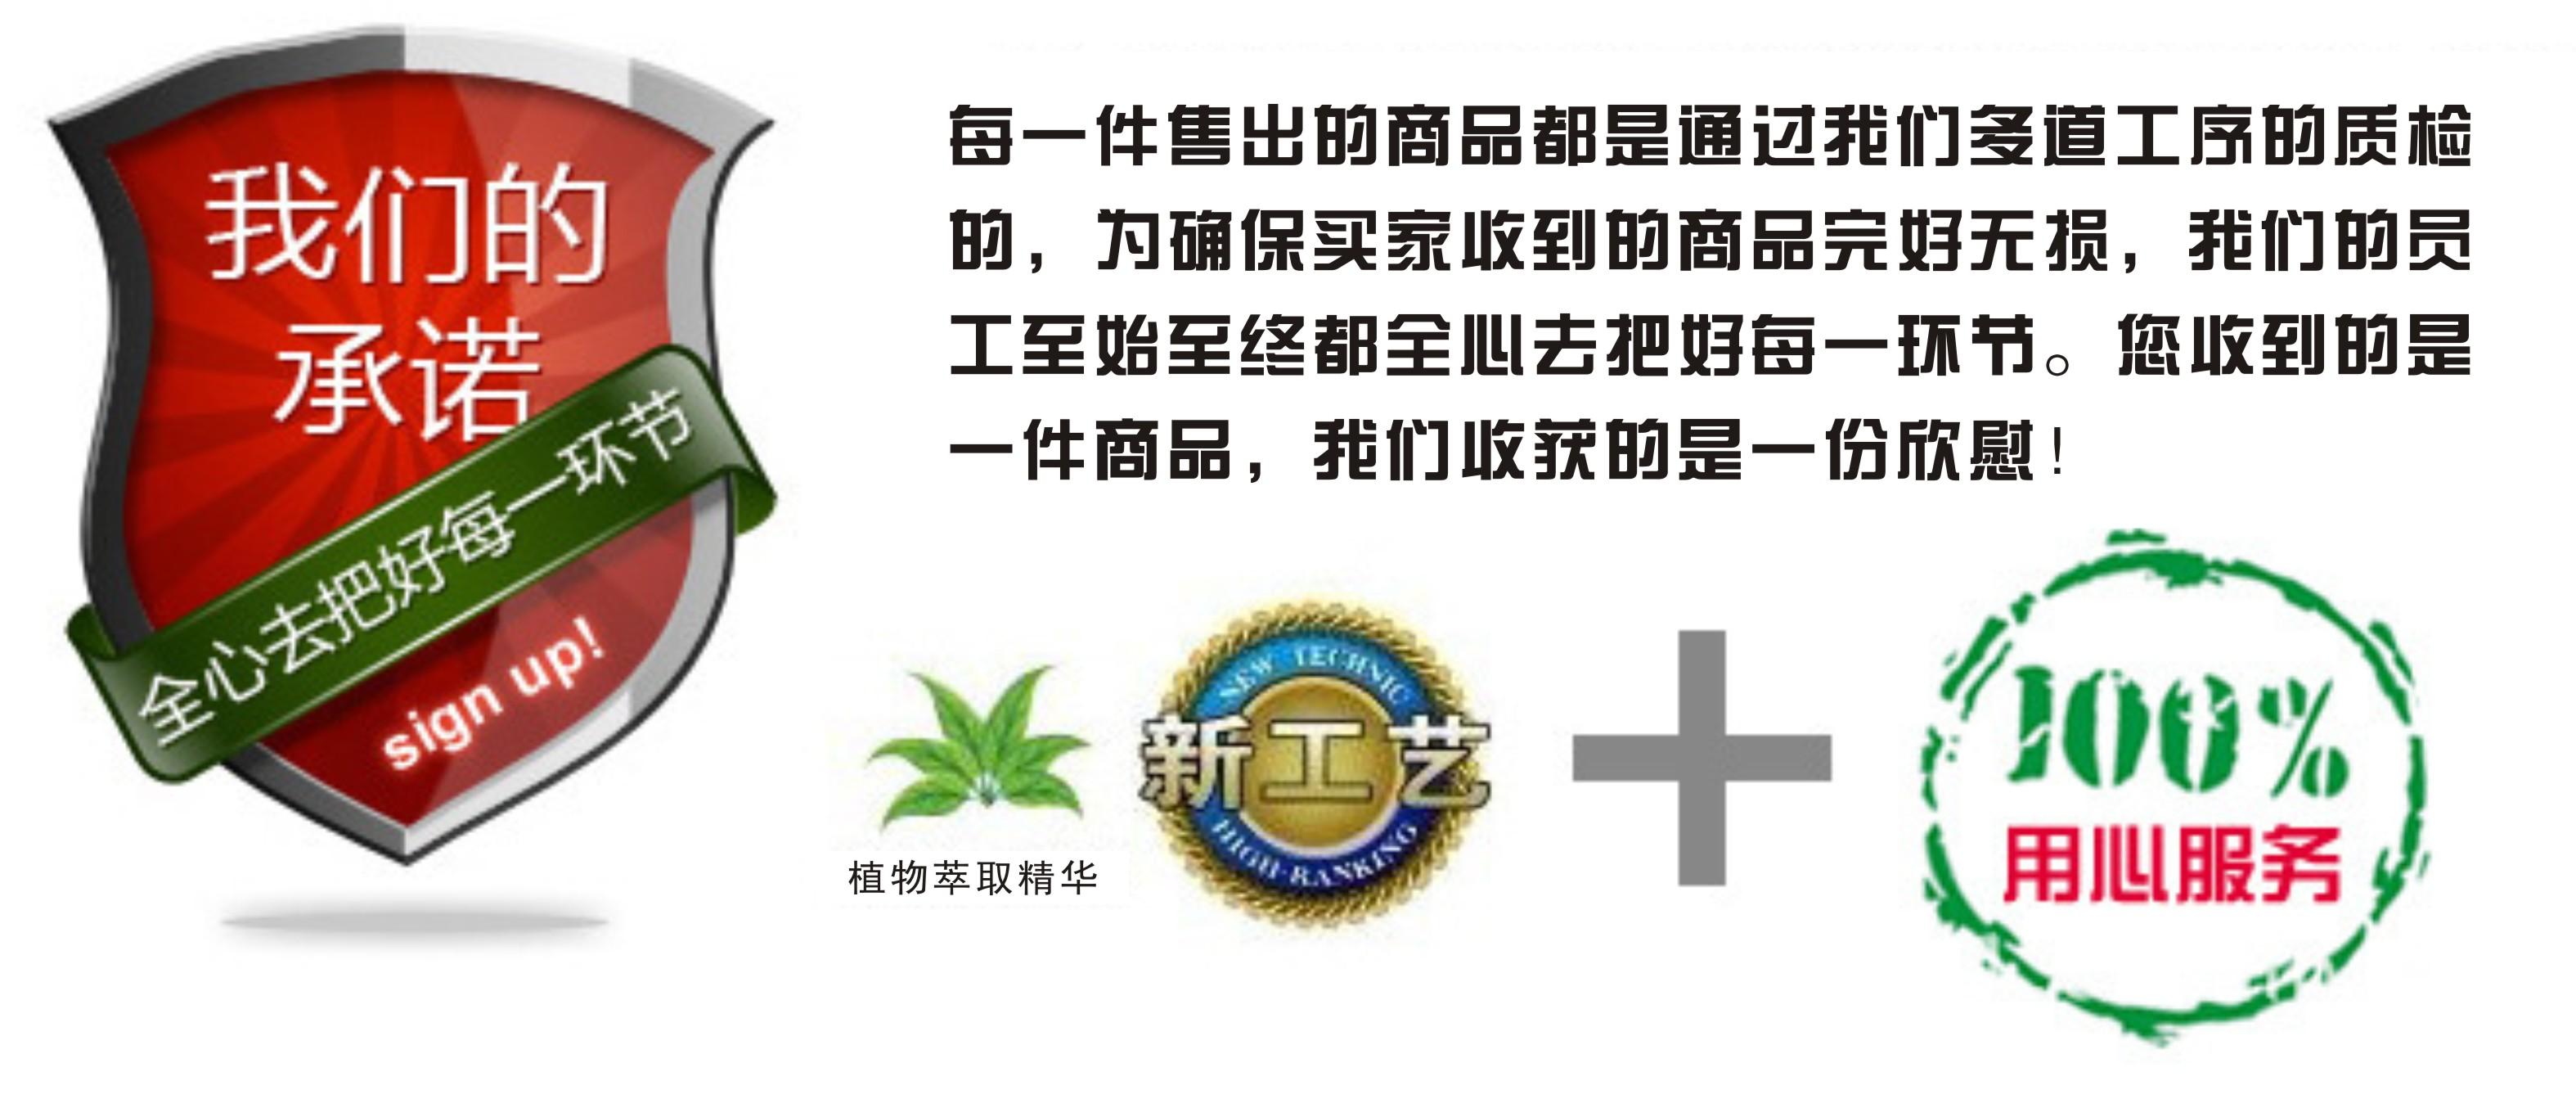 甜菜根粉 用于純天然色素 廠家直銷 品質保證示例圖10